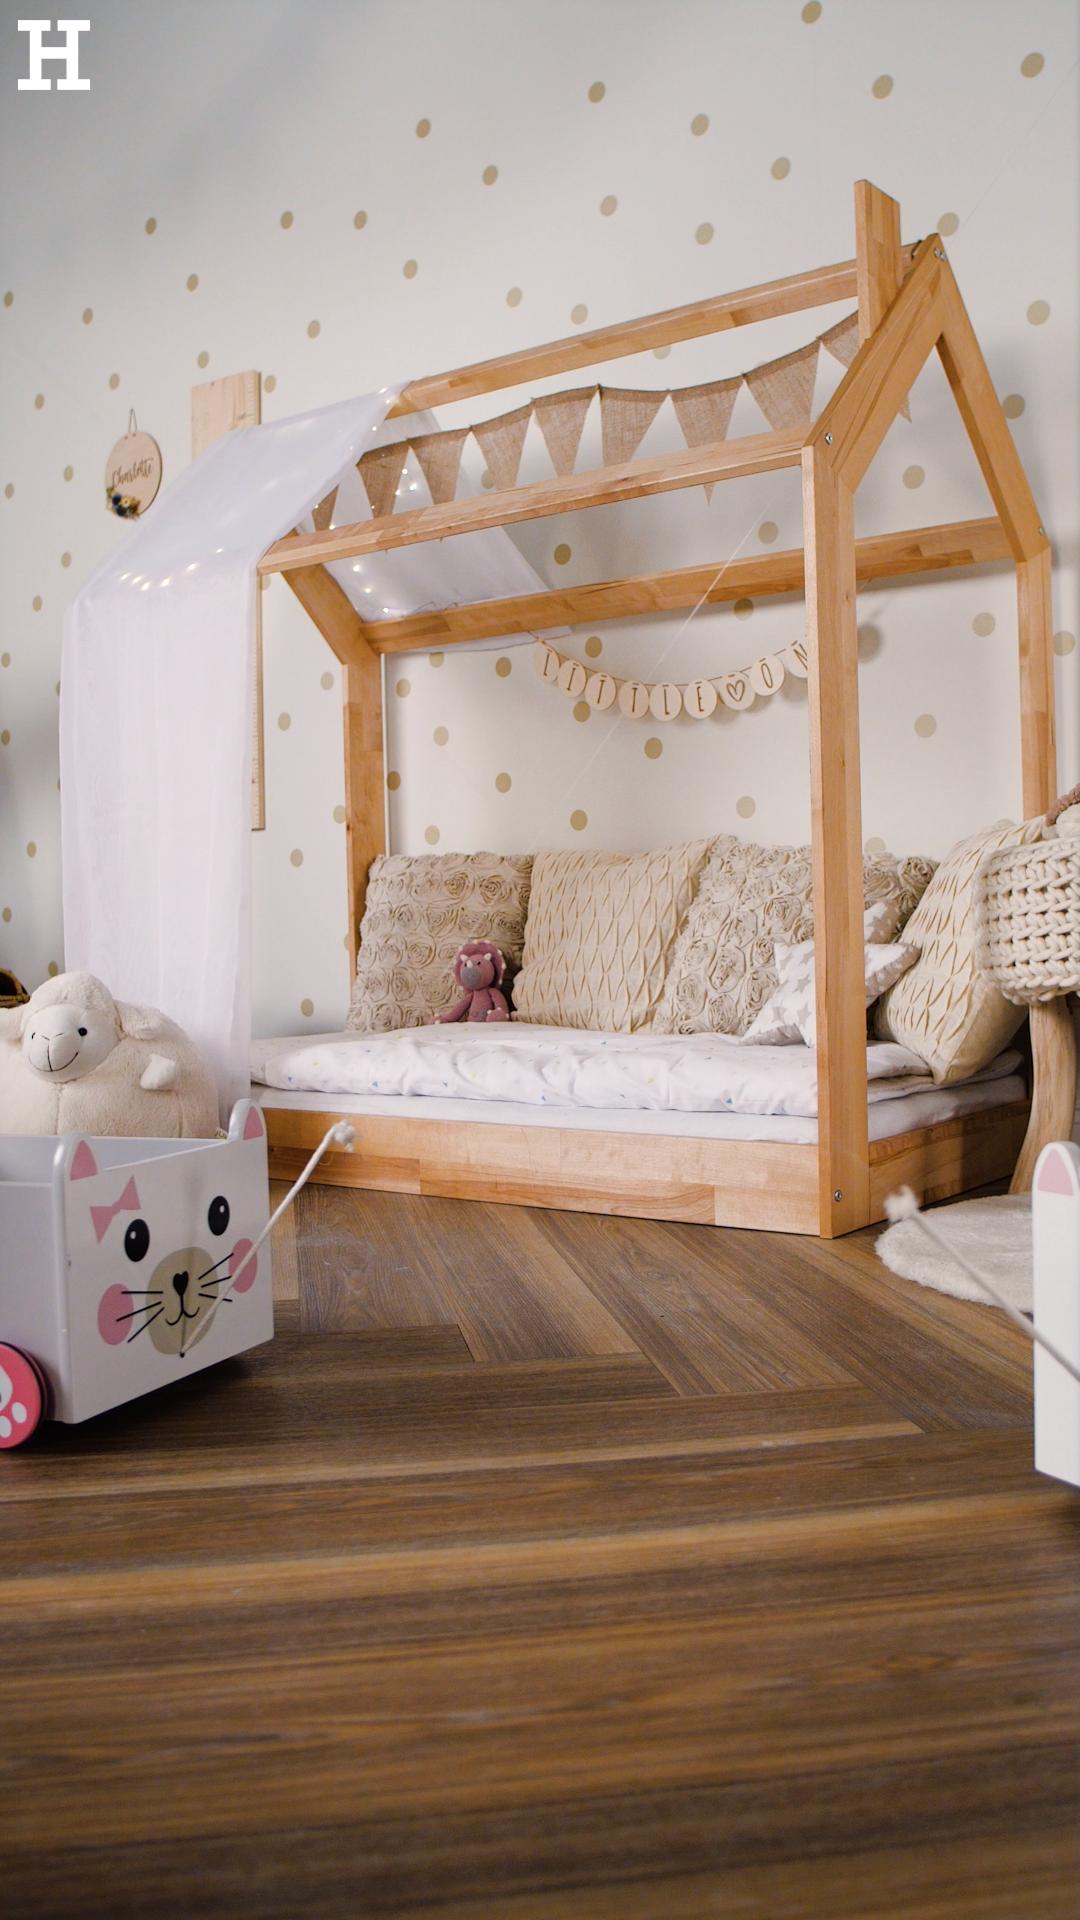 Storage Ideen für das Kinderzimmer